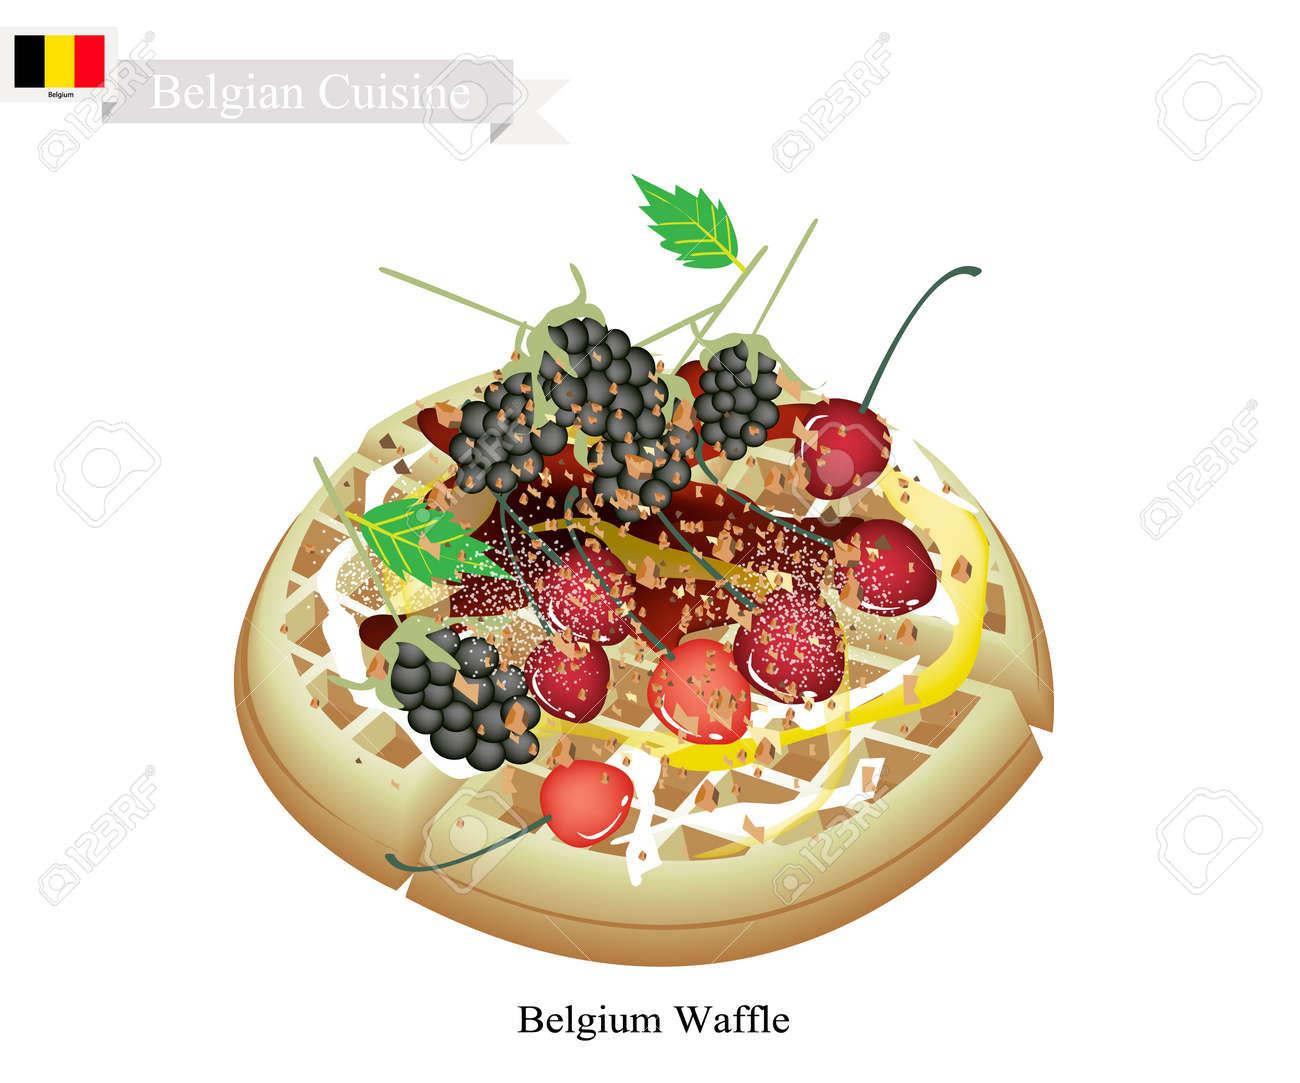 Attractive Belgische Küche, Belgien Waffel Oder Traditionelle Runde Waffel Gekrönt Mit  Brombeeren, Kirschen Und Sirup